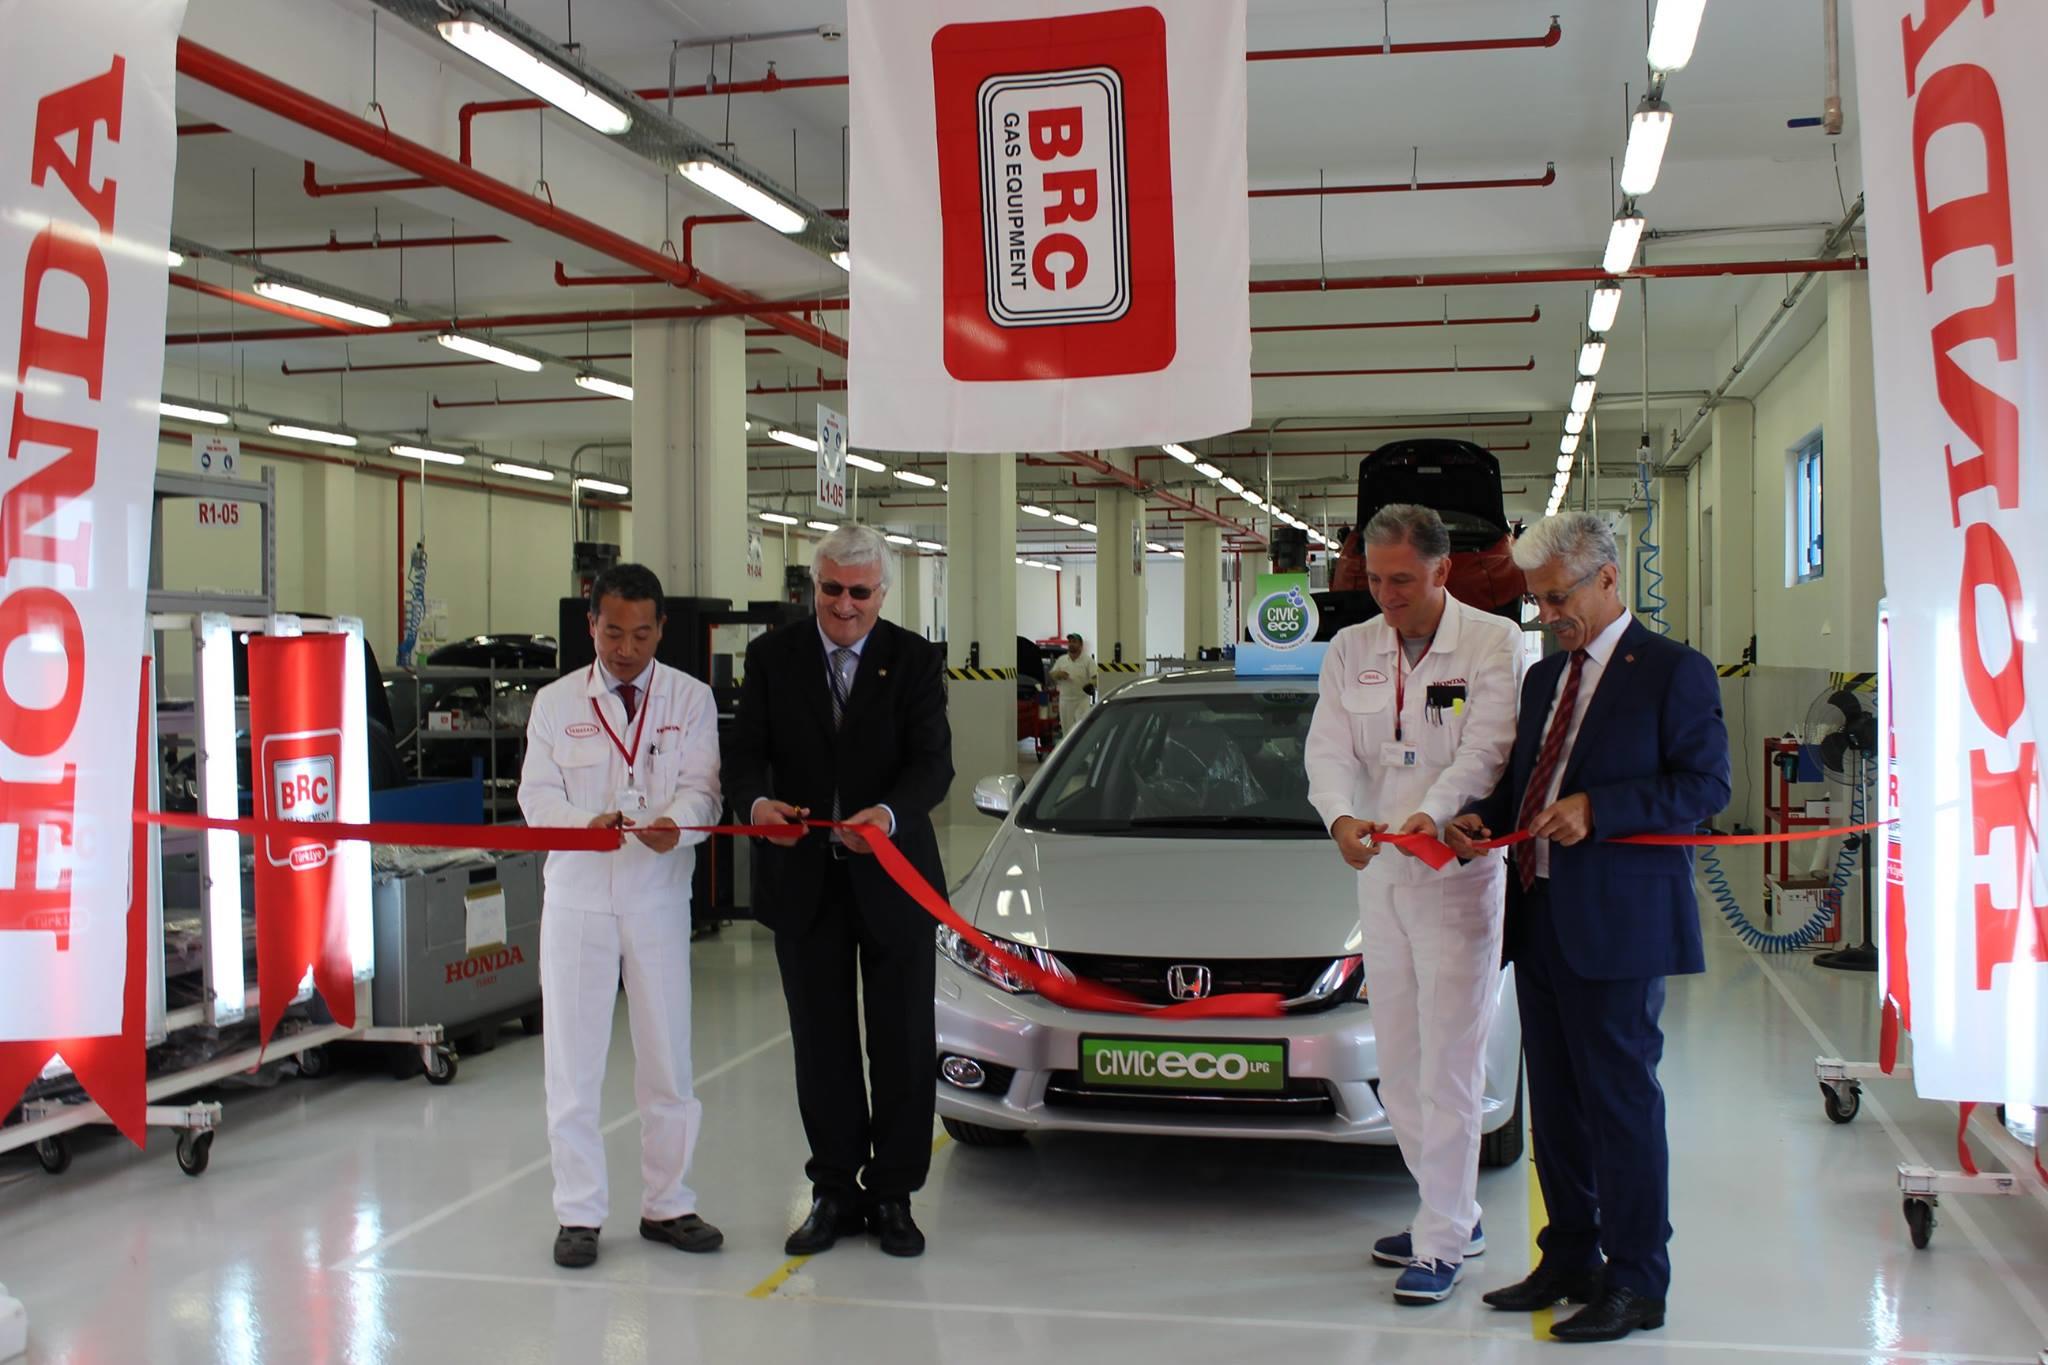 BRC ve Honda Türkiye Arasında Yeni İşbirliği